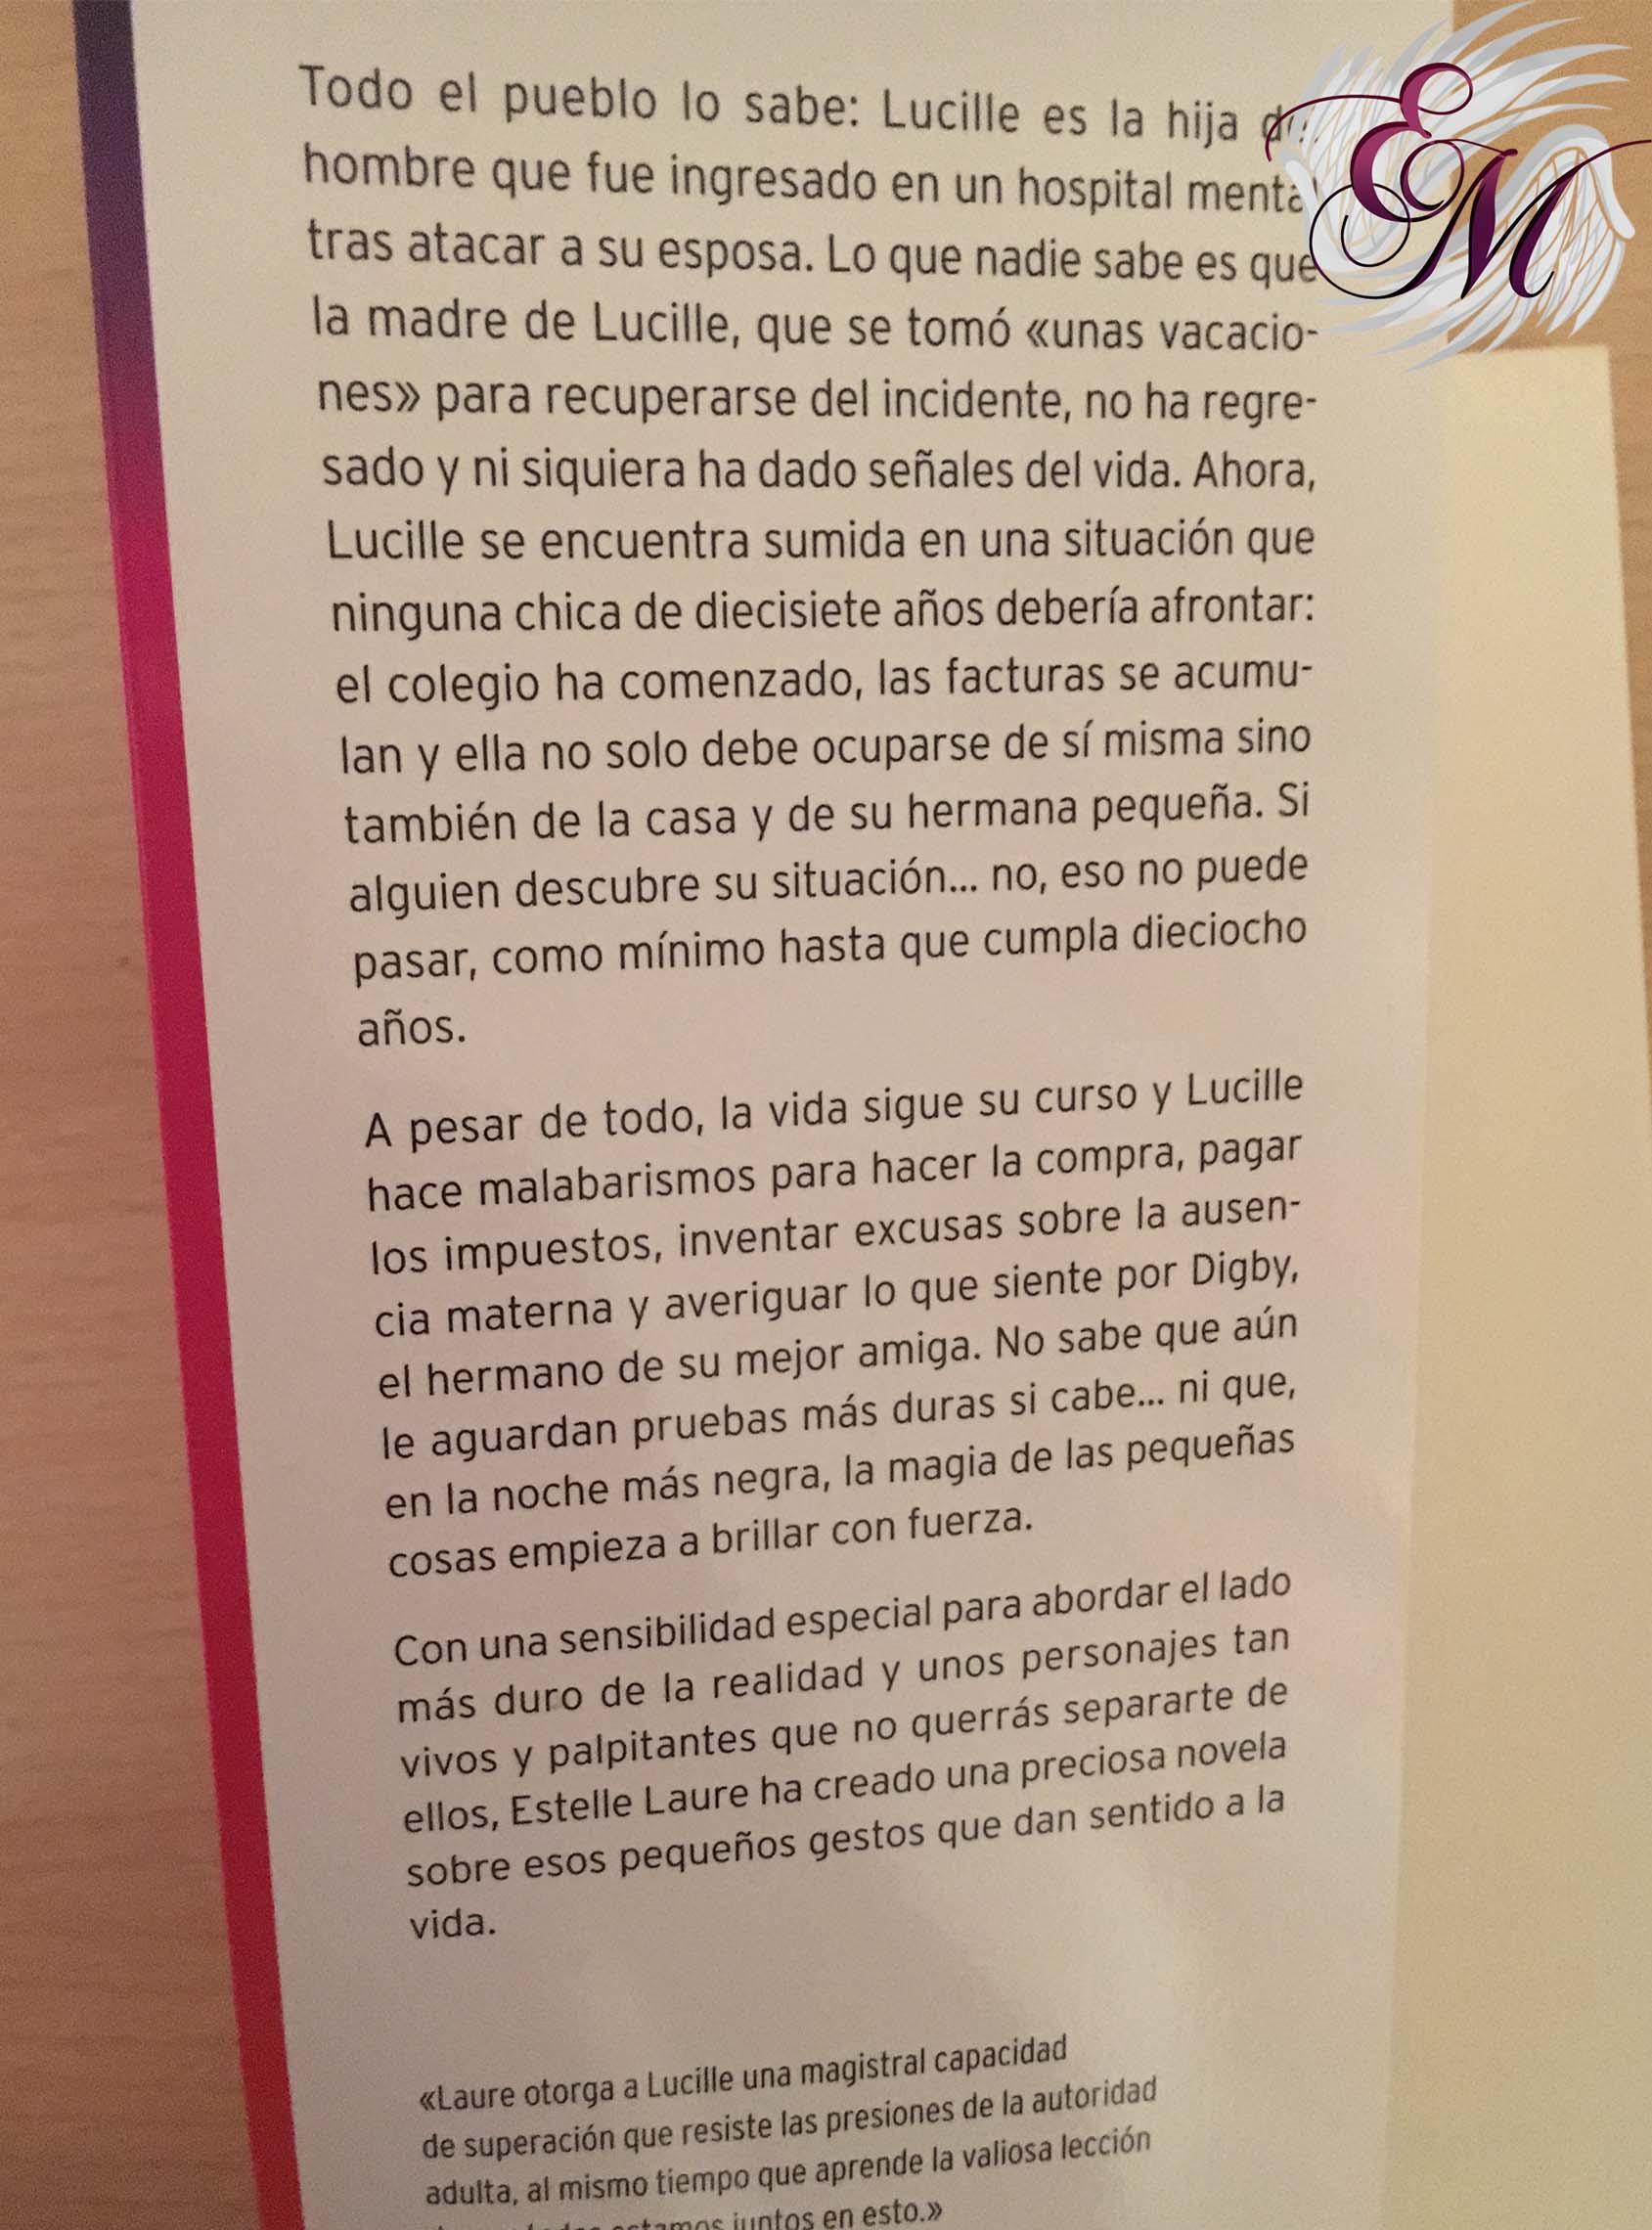 La magia de las pequeñas cosas, de Estelle Laure - Reseña